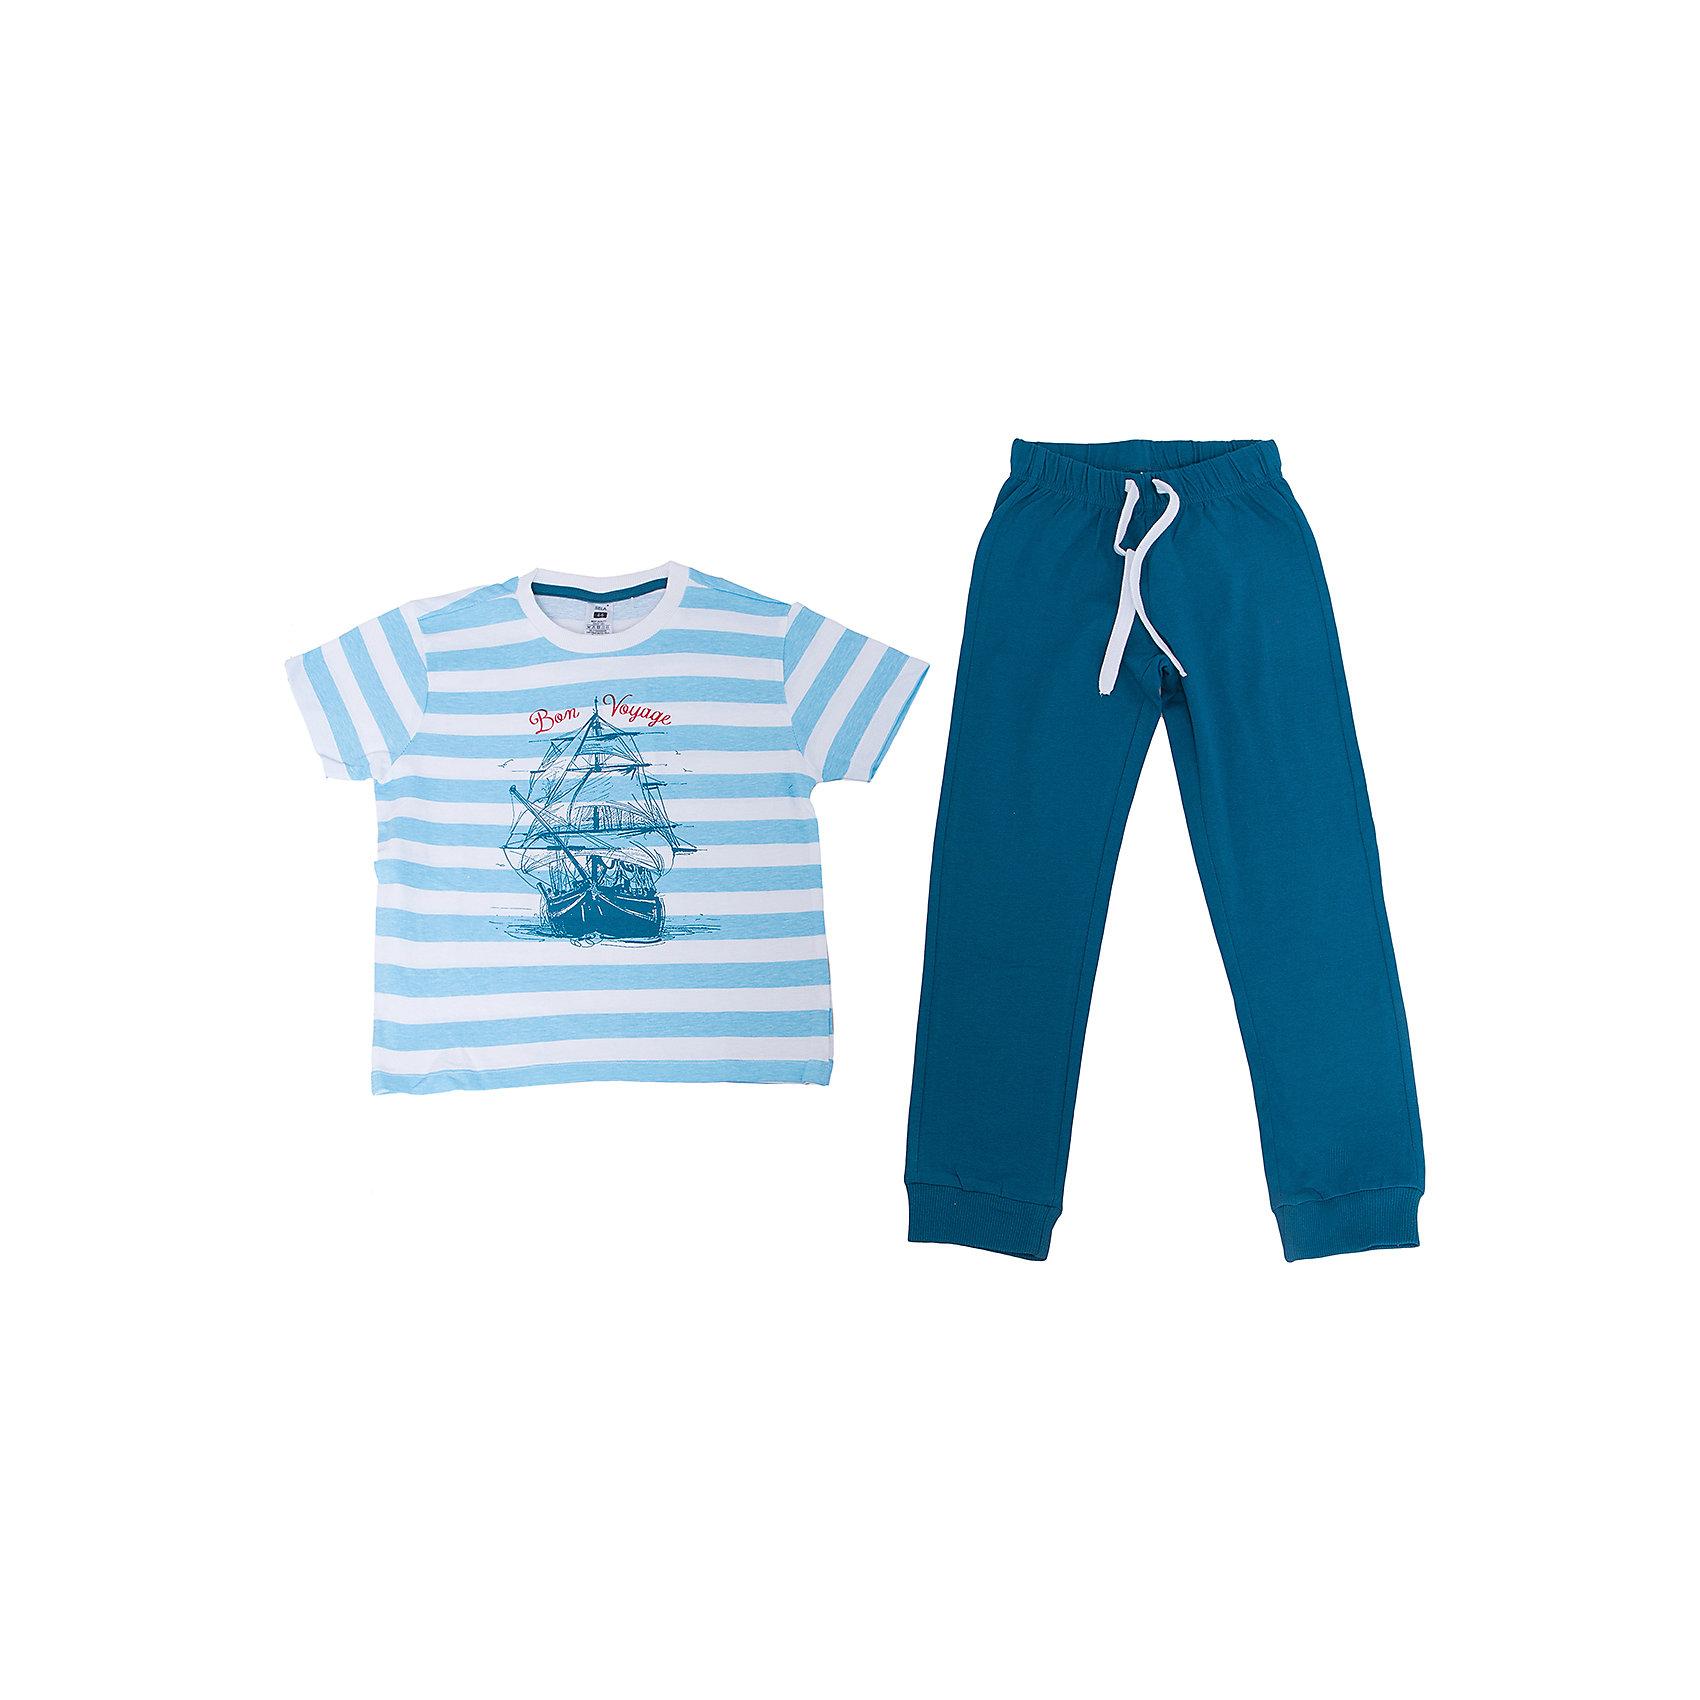 Пижама для мальчика SELAПижама для мальчика SELA<br><br>Характеристики:<br><br>- цвет: синий<br>- в комплект входит: штаны, футболка<br>- свободный силуэт<br>- эластичные манжеты штанов<br>- состав: хлопок 100%<br>- для детей в возрасте: от 2 до 6 лет<br>- страна производитель: Индия<br><br>Яркая пижама синего цвета из новой коллекции весна 2017 от популярного бренда одежды SELA (Сэла). Пижама с большим кораблем отлично подойдет для использования на каждый день в прохладное время года. Натуральная хлопчатобумажная ткань изделия отлично пропускает воздух и позволяет коже дышать. Свободный силуэт пижамы обеспечивает необходимый комфорт во время сна. Морская тематика новой пижамы поможет отправиться на поиски приключений в мир приятных и увлекательных снов. <br><br>Пижаму для мальчика SELA можно купить в нашем интернет-магазине.<br><br>Ширина мм: 281<br>Глубина мм: 70<br>Высота мм: 188<br>Вес г: 295<br>Цвет: синий<br>Возраст от месяцев: 96<br>Возраст до месяцев: 108<br>Пол: Мужской<br>Возраст: Детский<br>Размер: 128/134,140/146,92/98,104/110,116/122<br>SKU: 5302875